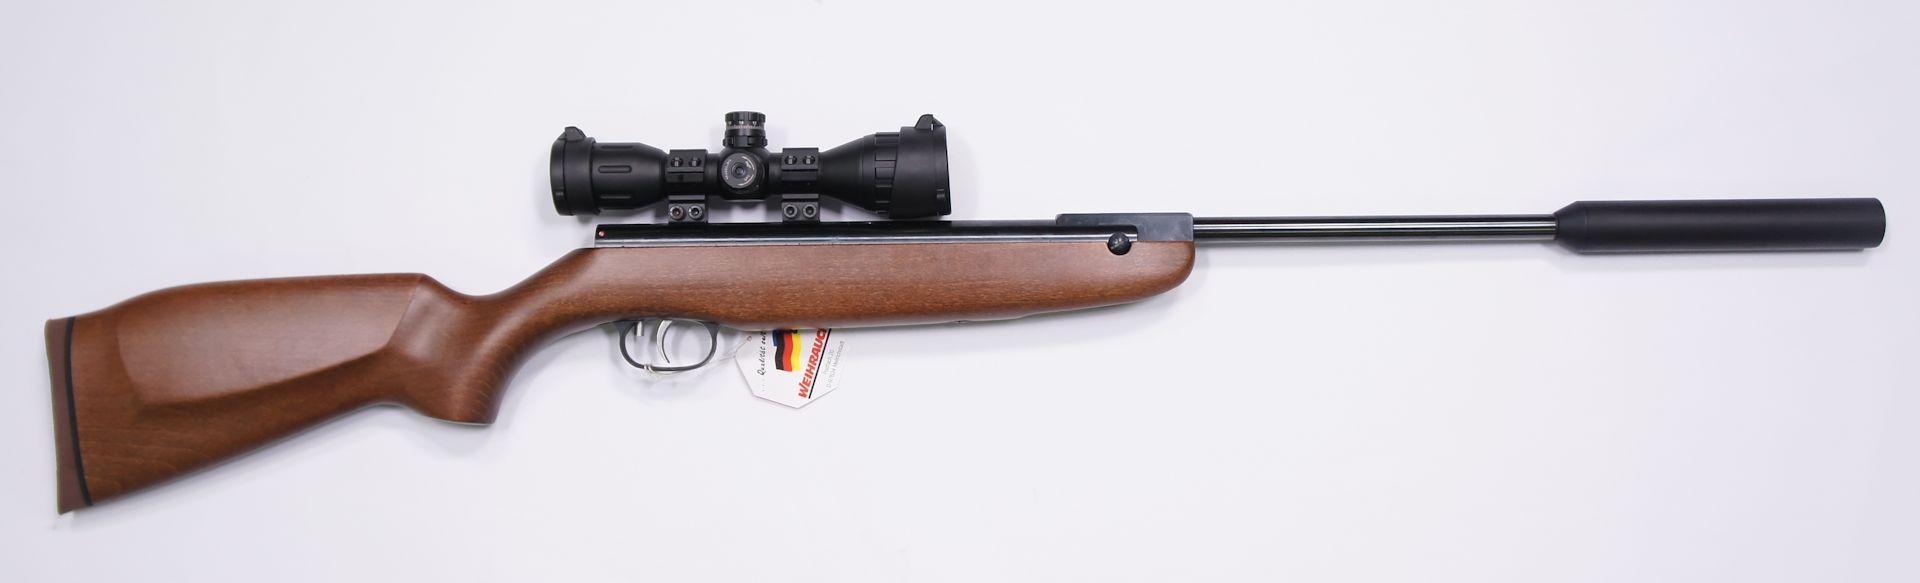 Das Luftgewehr Weihrauch HW 30S mit  Zielfernrohr Walther 4x32 MDC von der rechten Seite